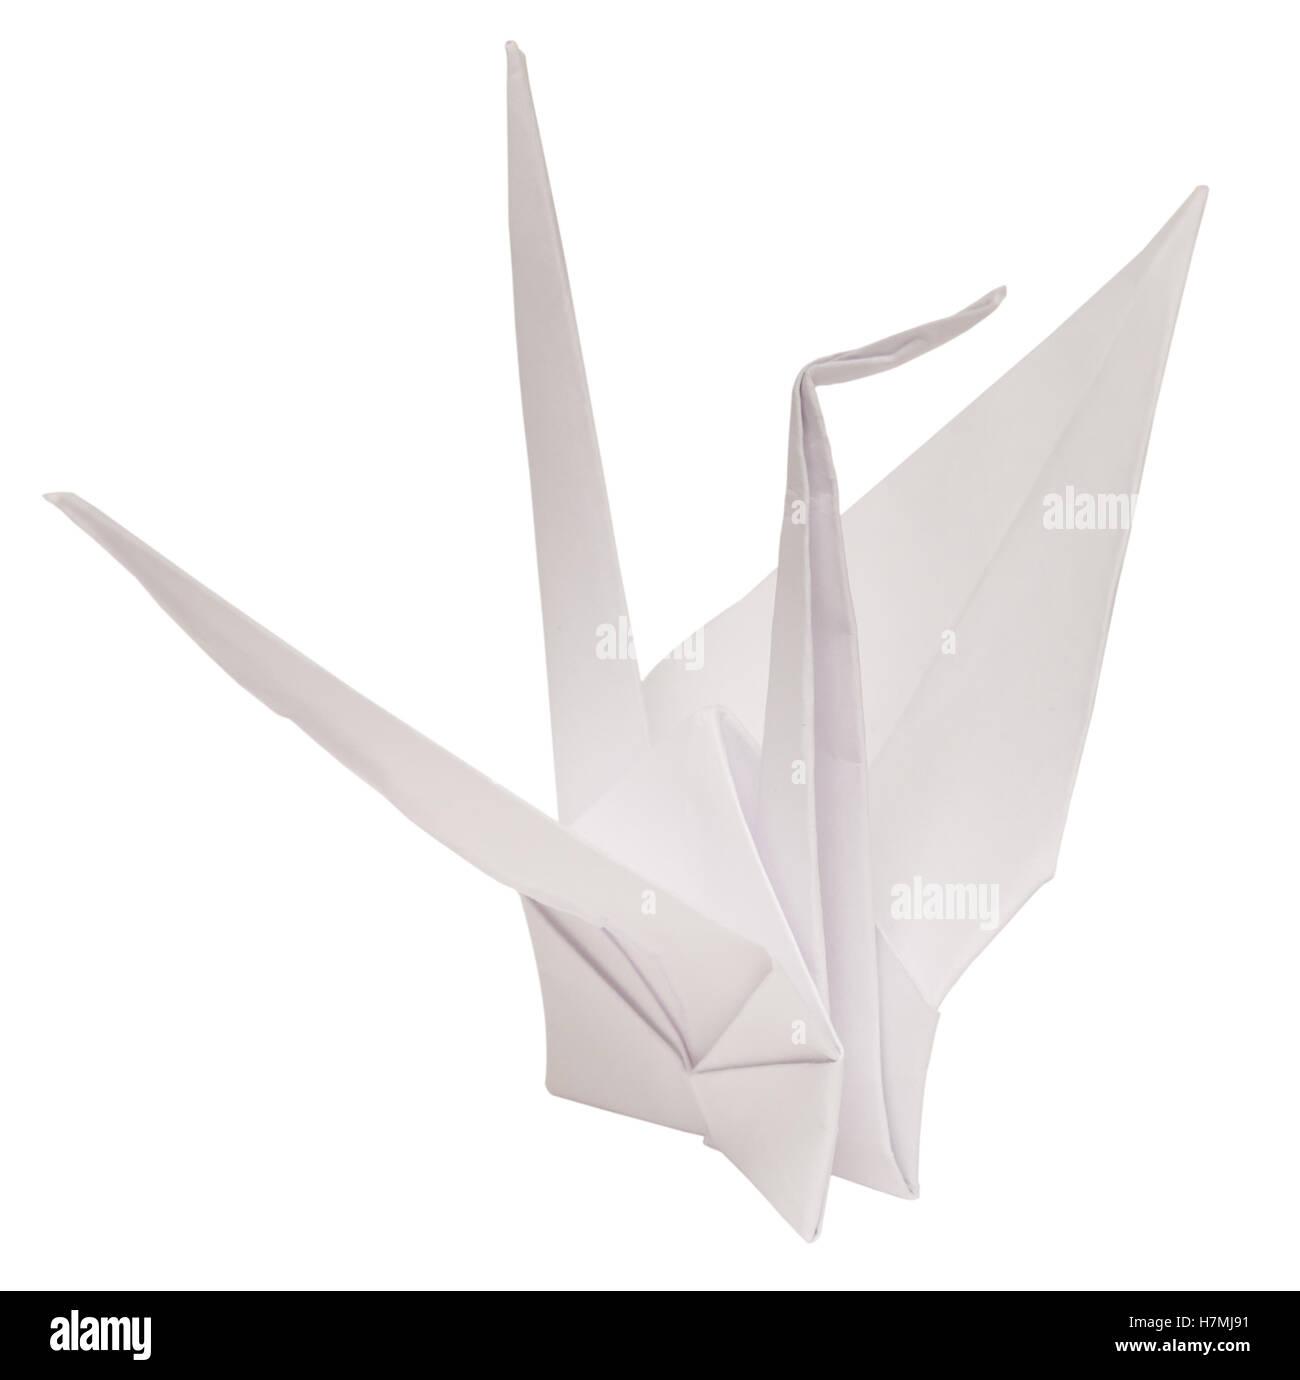 Origami Papier Kran isoliert auf weißem Hintergrund Stockbild